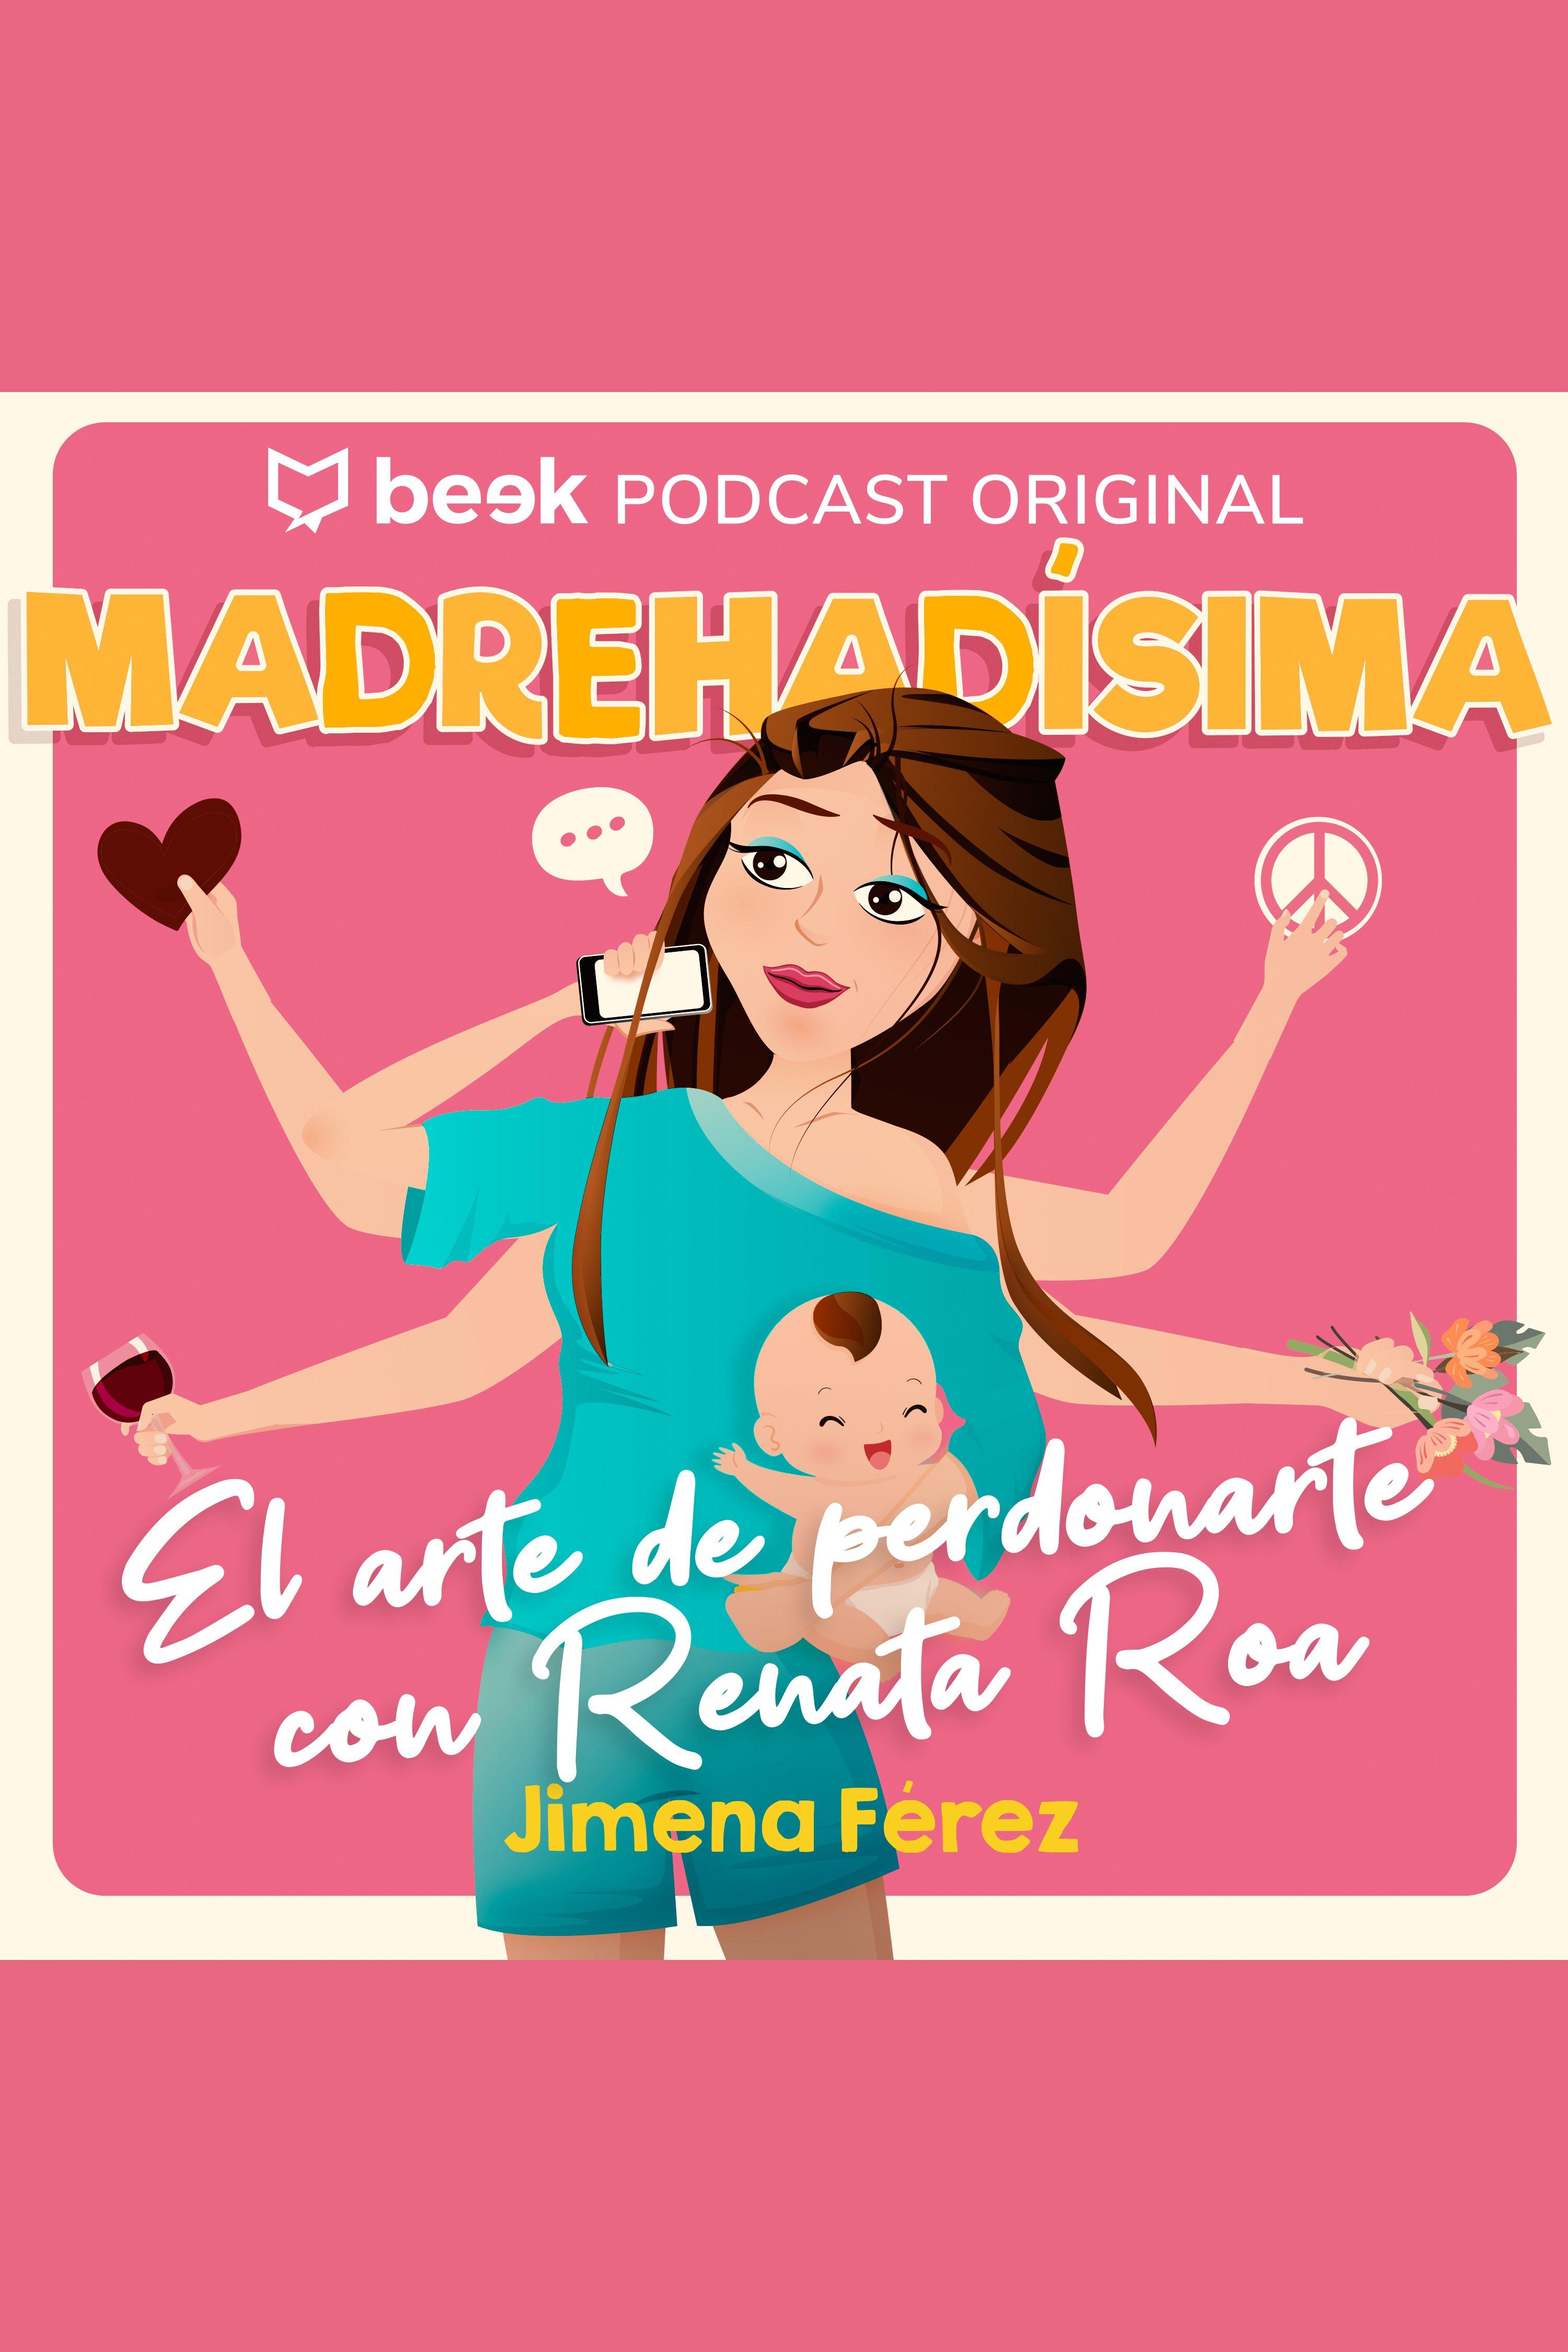 Esta es la portada del audiolibro El arte de perdonarte, con Renata Roa